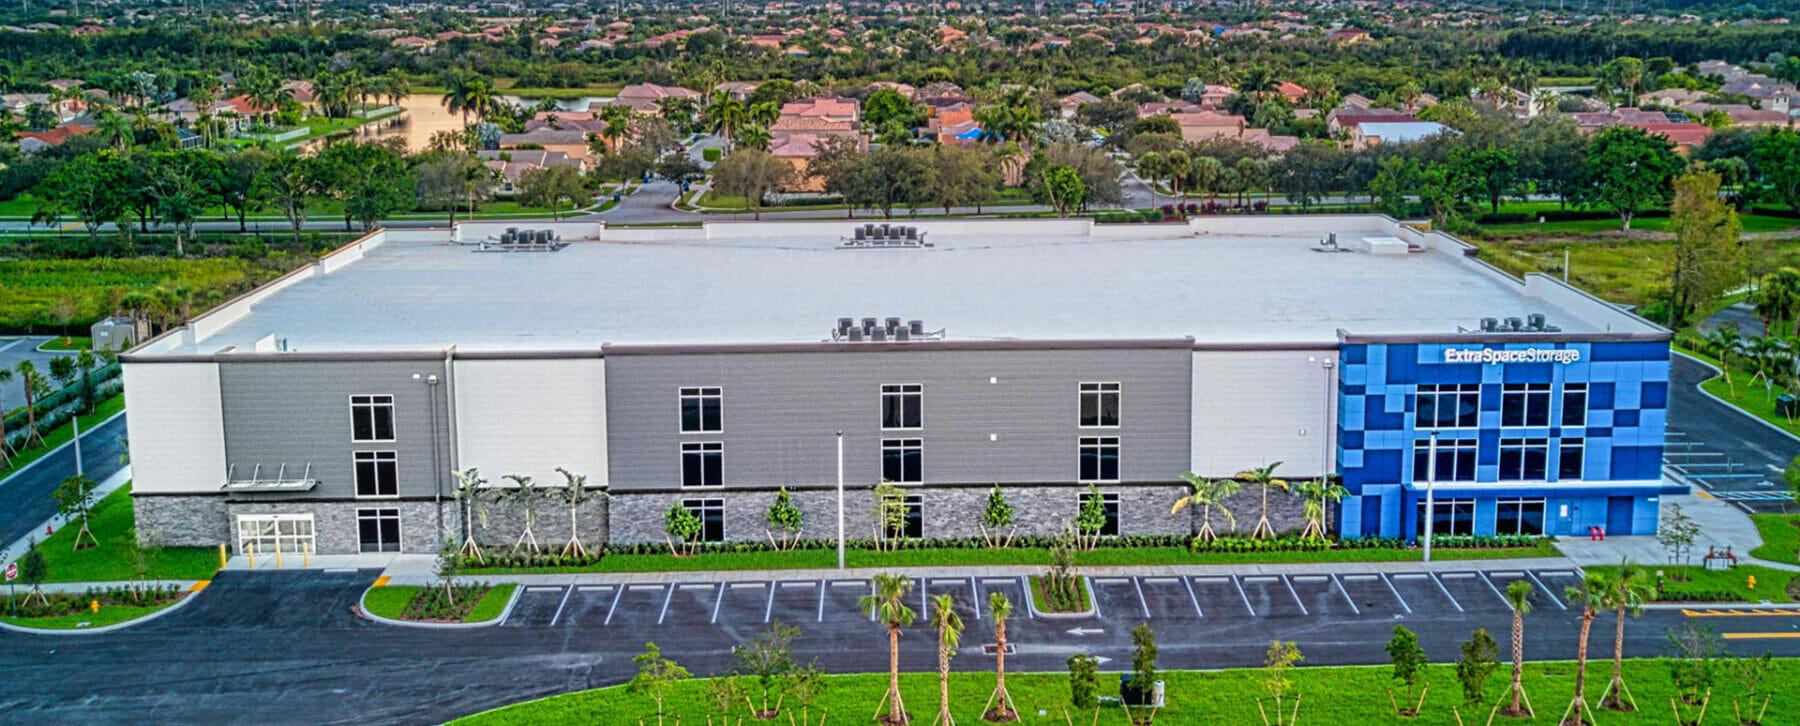 SAFStor - Pembroke Pines, FL